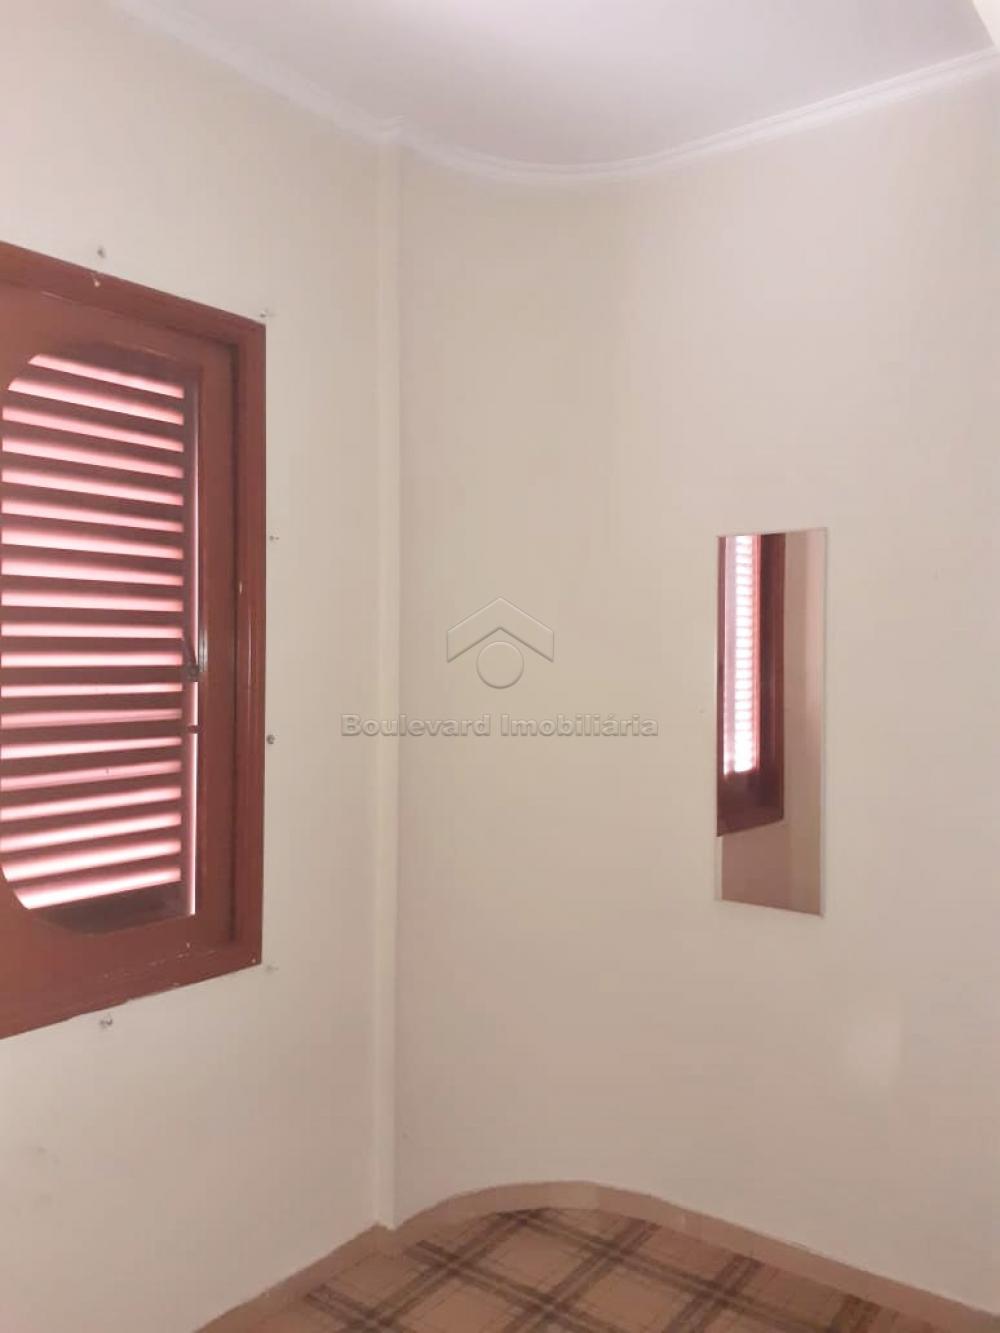 Alugar Apartamento / Padrão em Ribeirão Preto R$ 1.500,00 - Foto 38